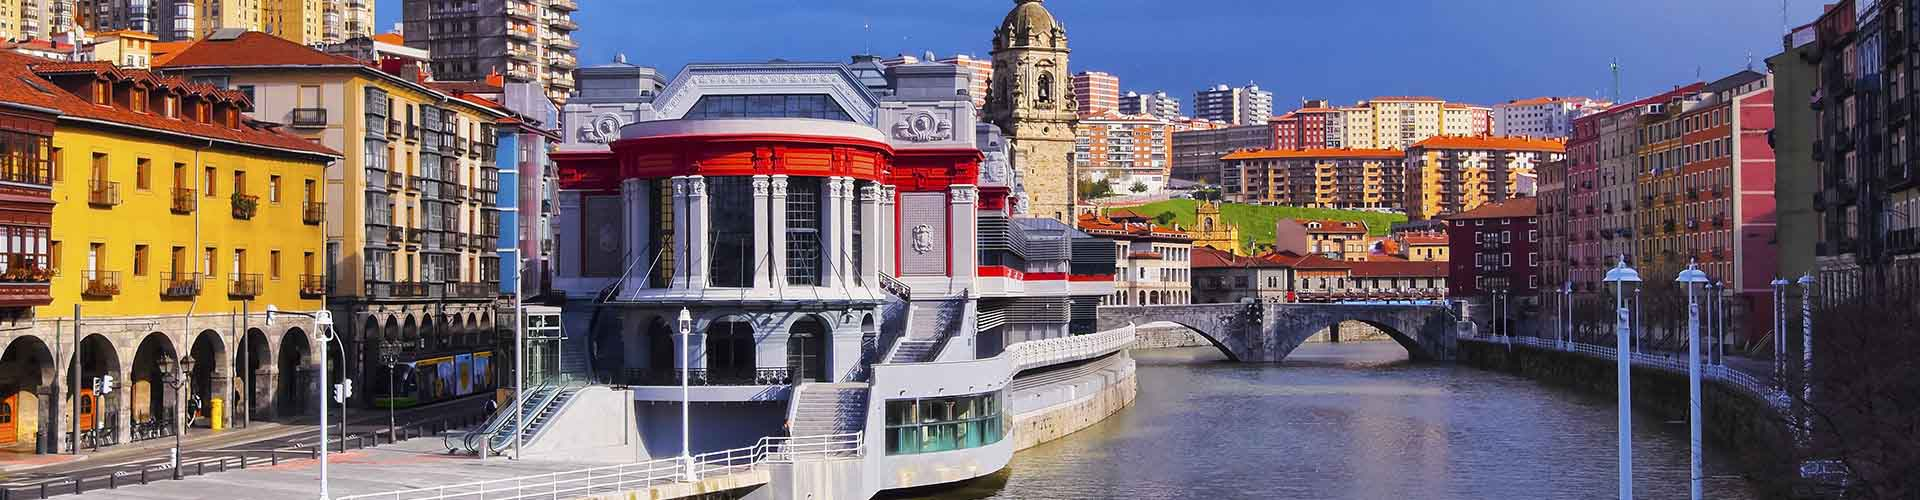 Bilbao - Chambres pas chères dans le quartier de Iturrialde. Cartes pour Bilbao, photos et commentaires pour chaque chambre à Bilbao.